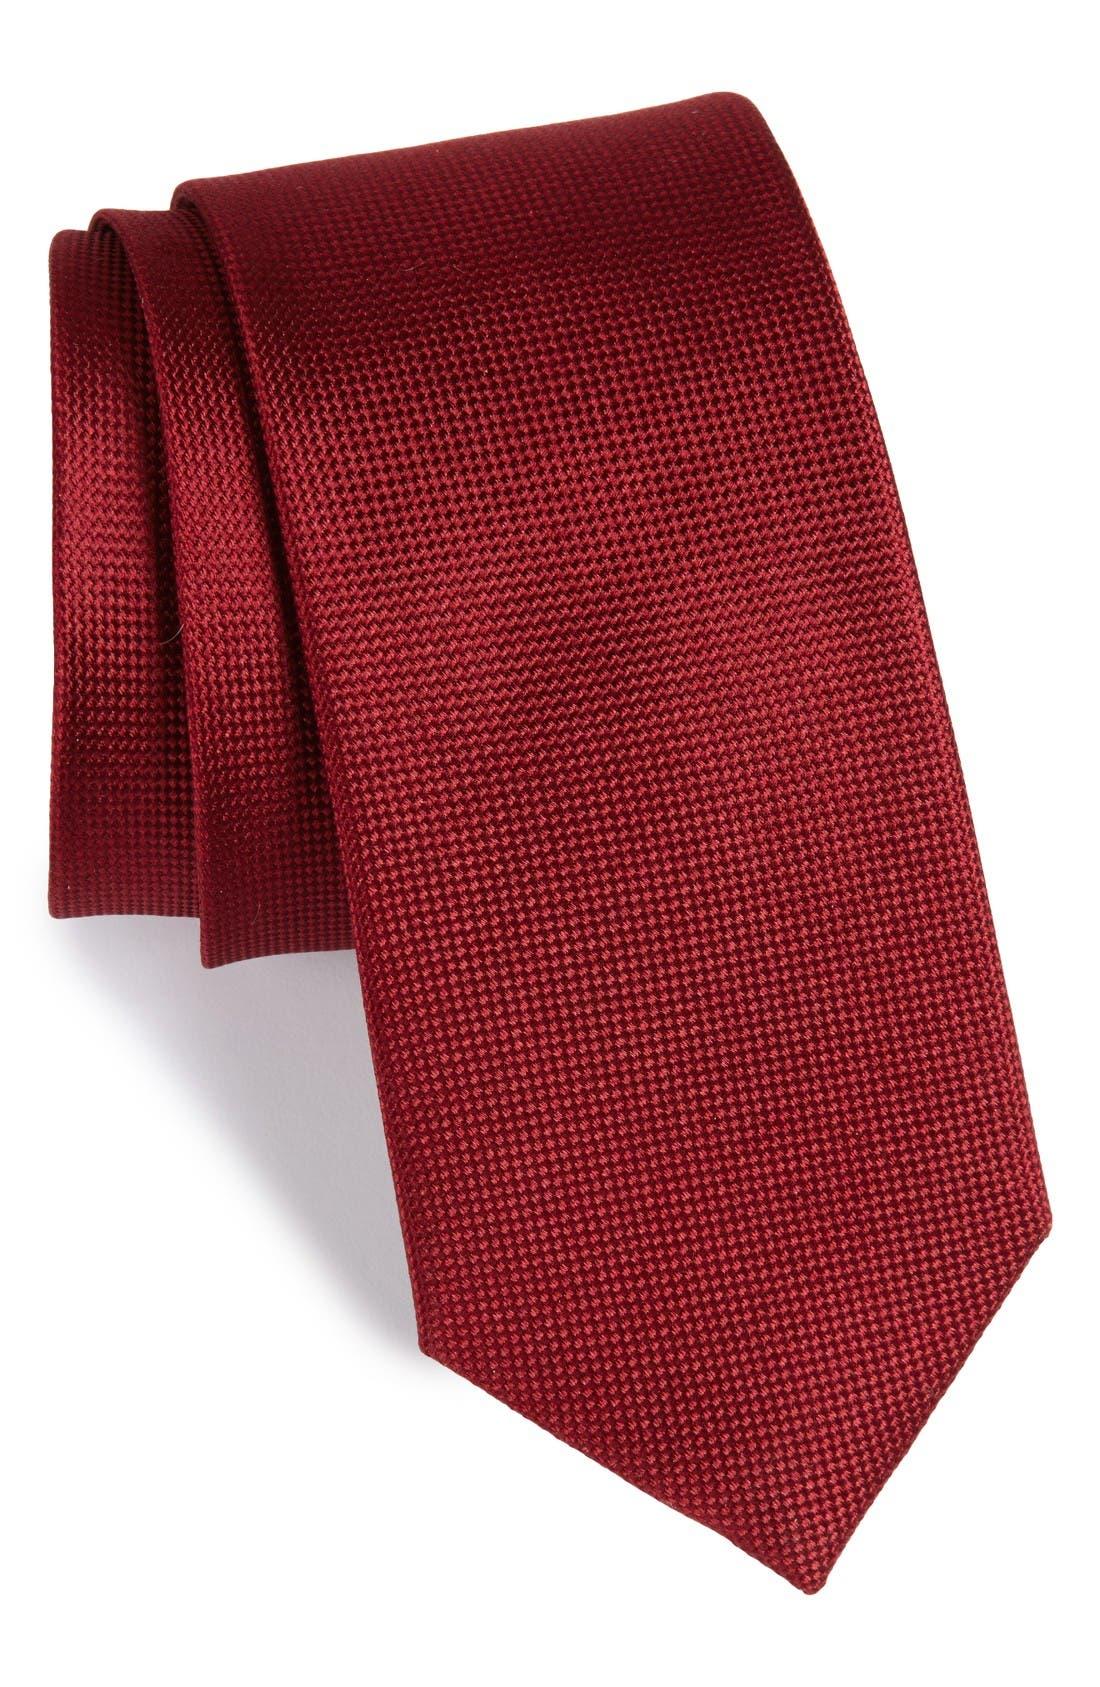 Solid Silk Tie,                         Main,                         color, Burgundy